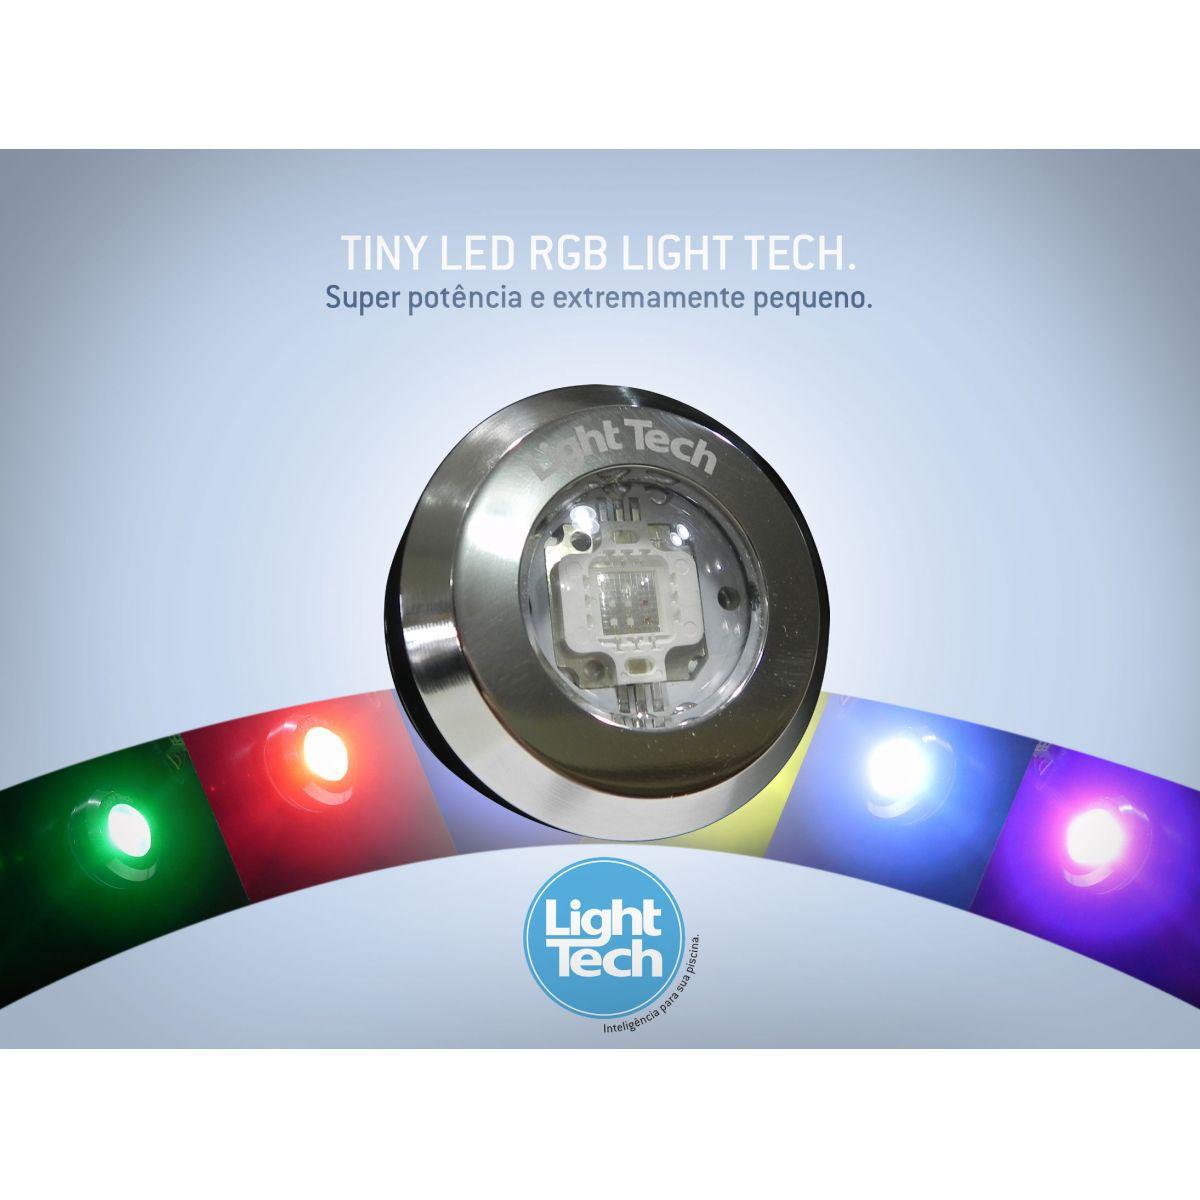 Led Piscina - Tiny LED INOX RGB 10W Light Tech